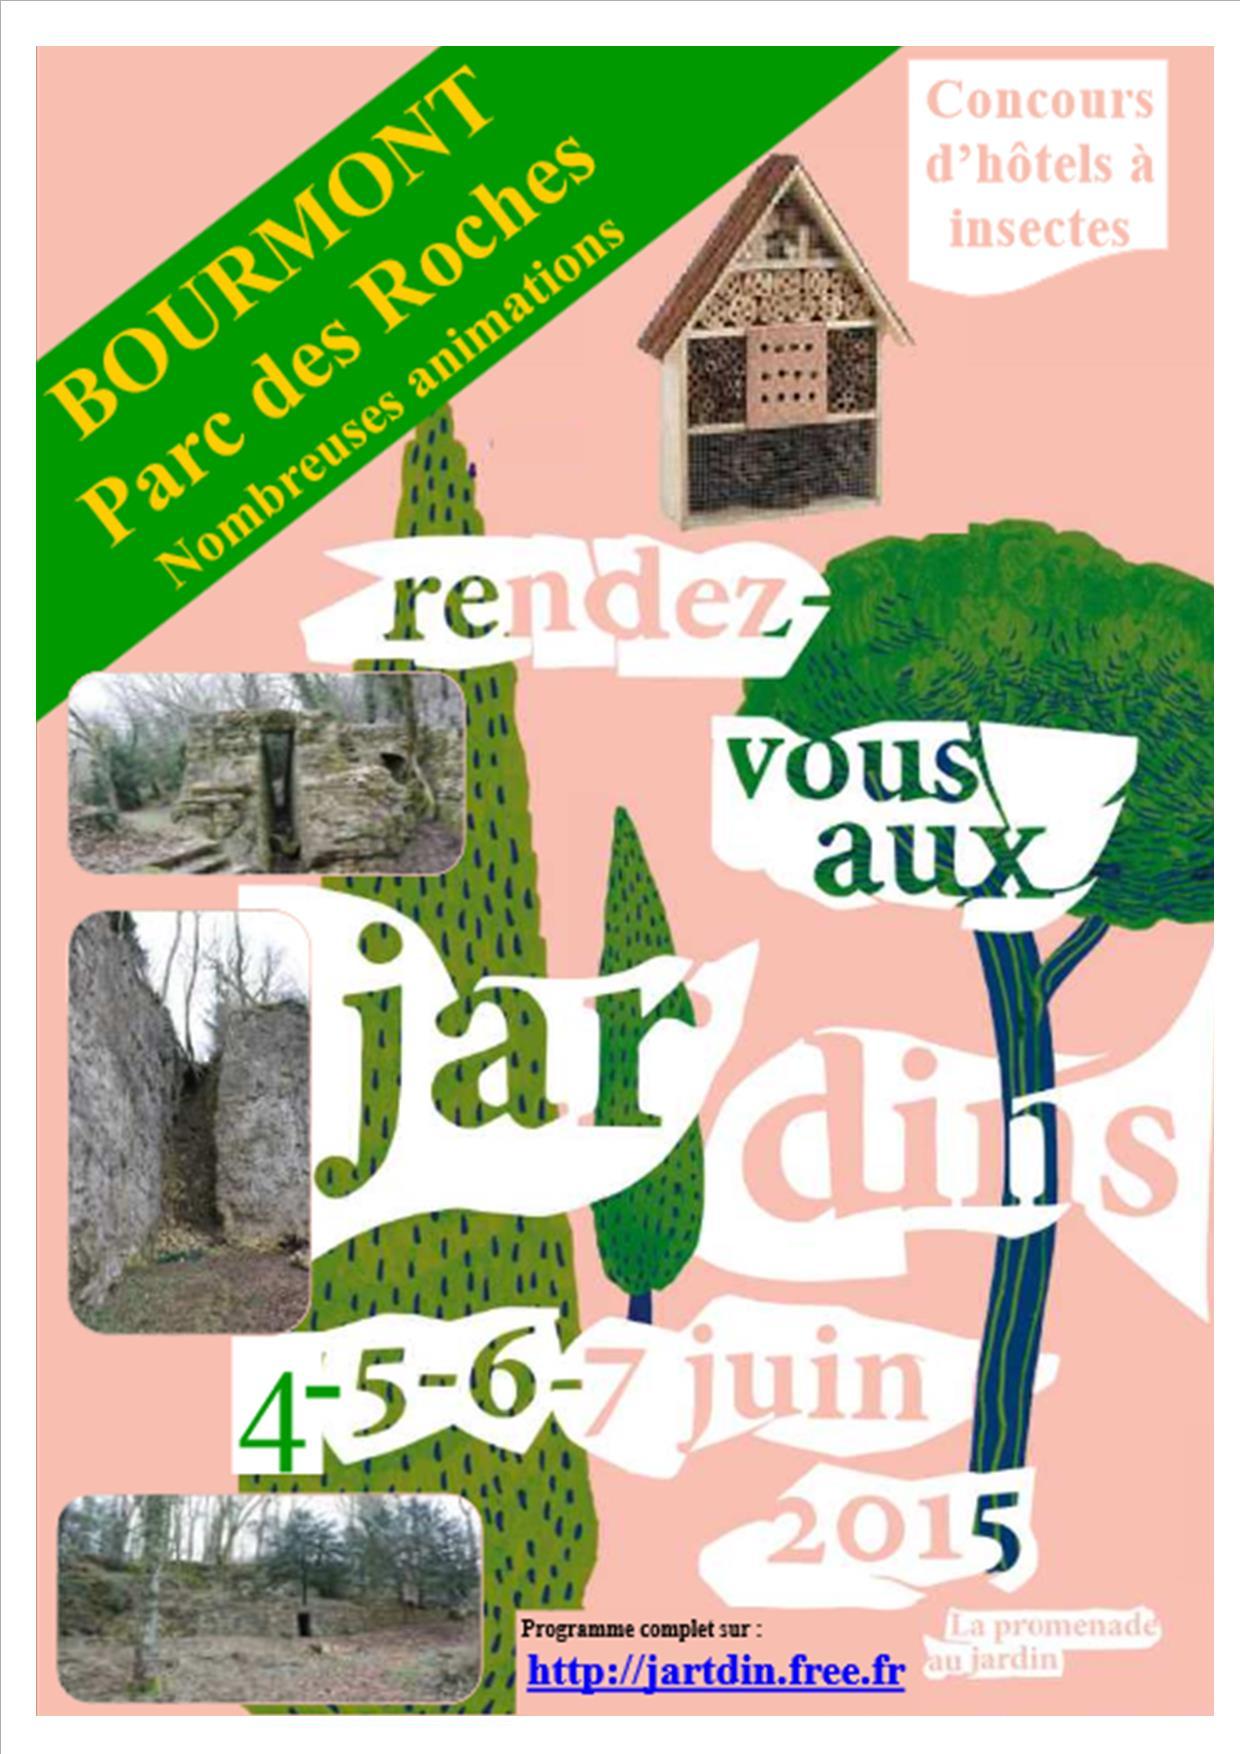 Jardin du poirier for Rdv aux jardins